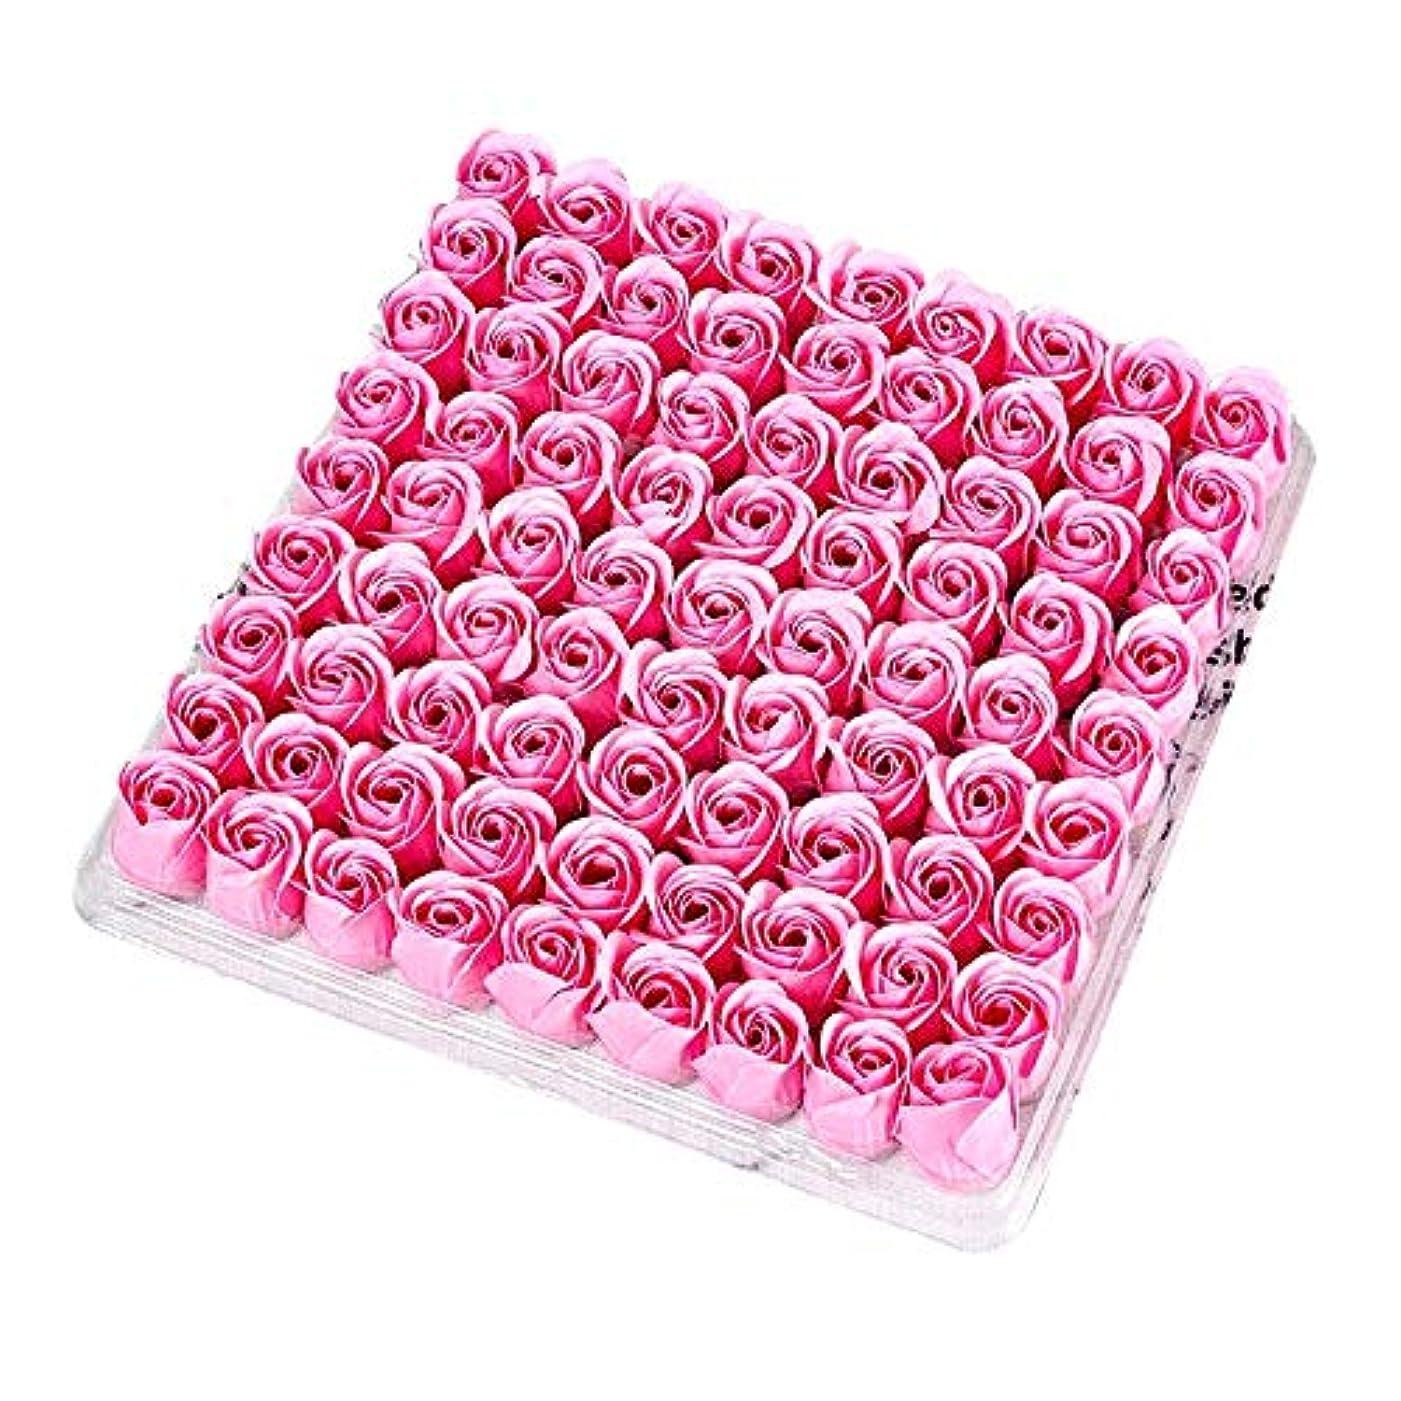 光沢破壊的迫害RETYLY 81個の薔薇、バス ボディ フラワー?フローラルの石けん 香りのよいローズフラワー エッセンシャルオイル フローラルのお客様への石鹸 ウェディング、パーティー、バレンタインデーの贈り物、ピンク